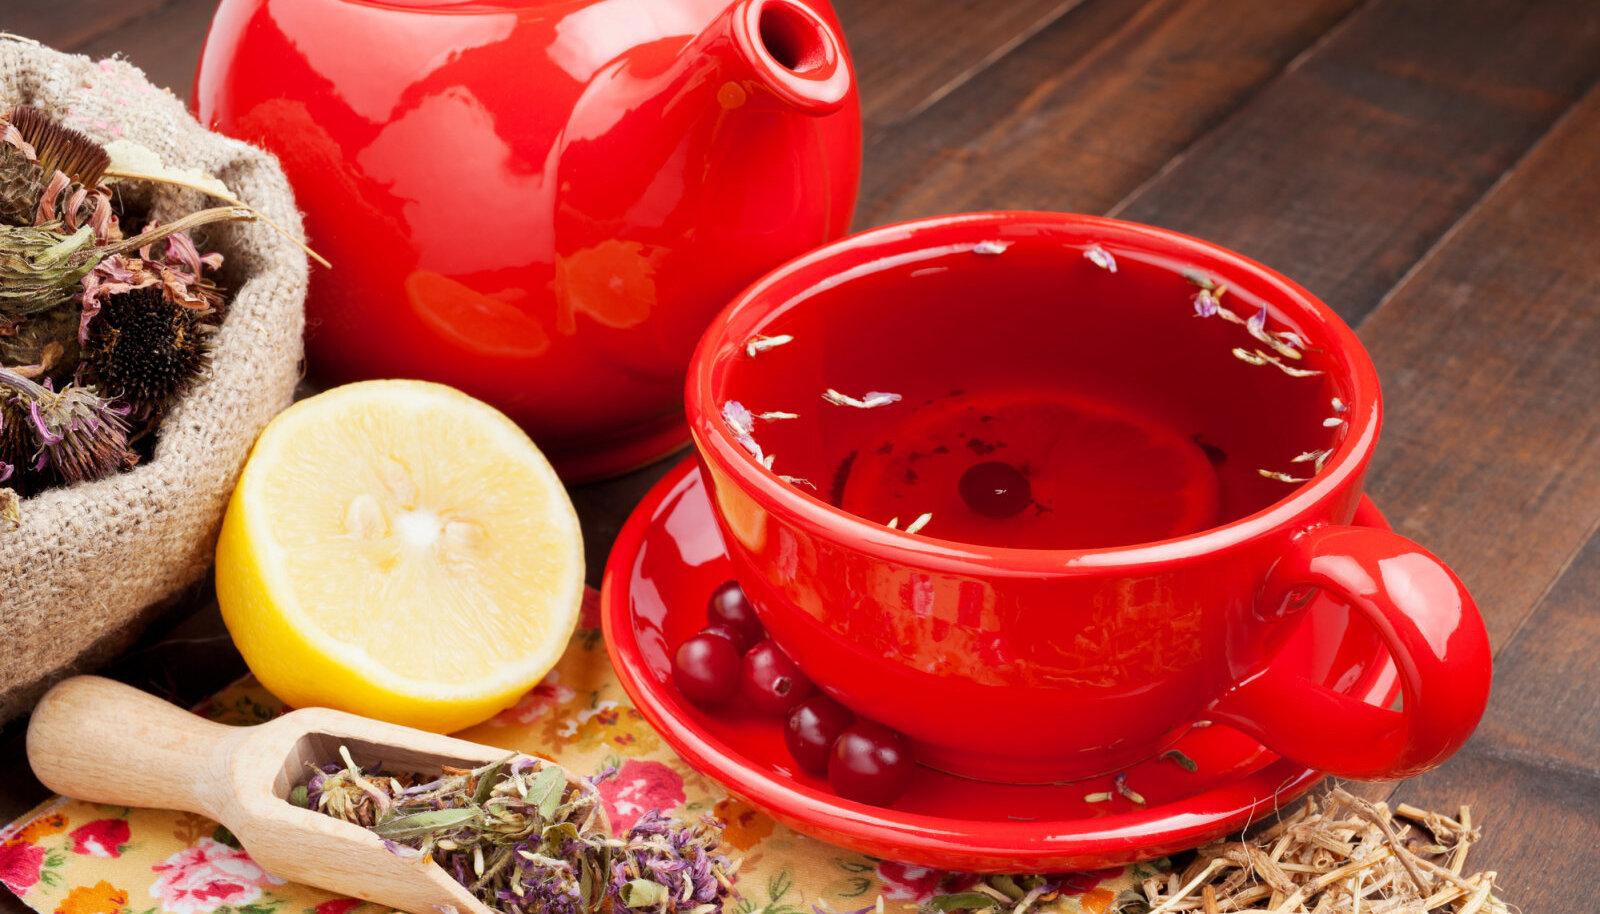 Turguta immuunsüsteemi ja väldi haigestumist